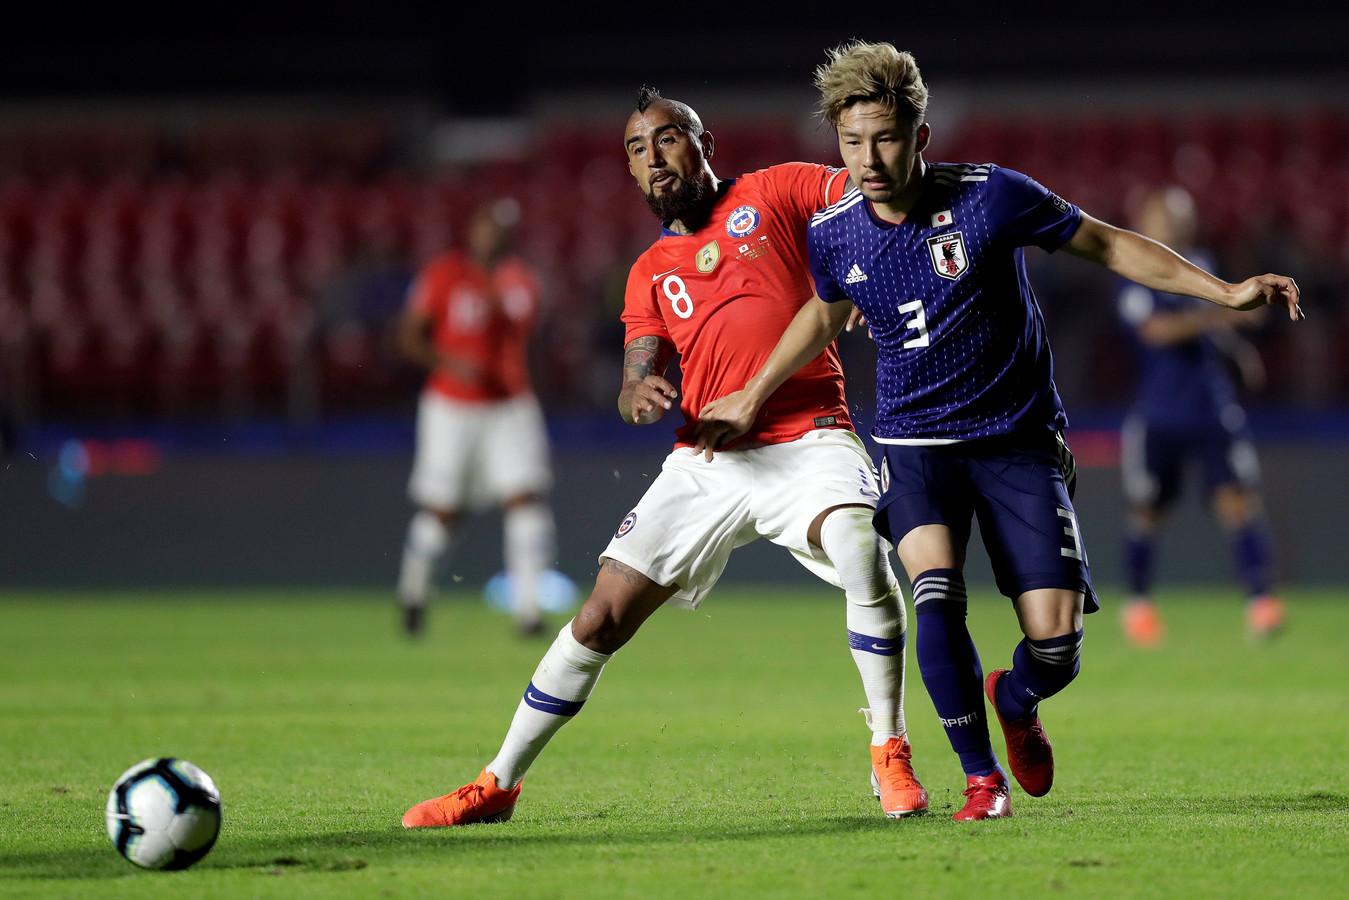 Yuta Nakayama (r) in duel met Arturo Vidal van Chili.